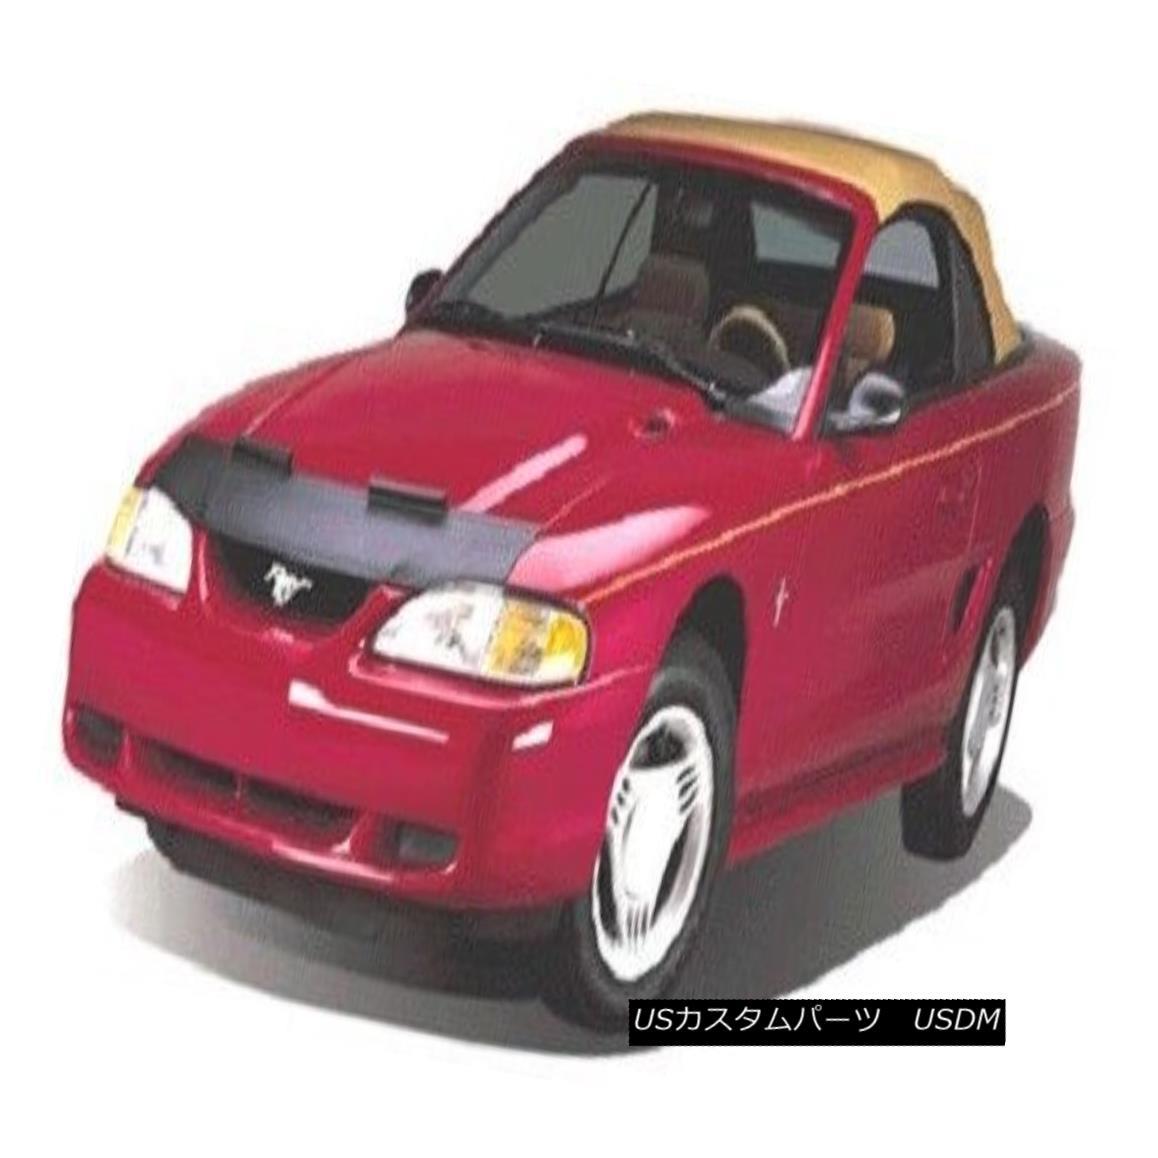 フルブラ ノーズブラ Lebra Hood Protector Mini Mask Bra Fits Honda CR-Z 2011-2012 11 12 LebraフードプロテクターミニマスクブラはホンダCR-Zに合っています2011-2012 11 12